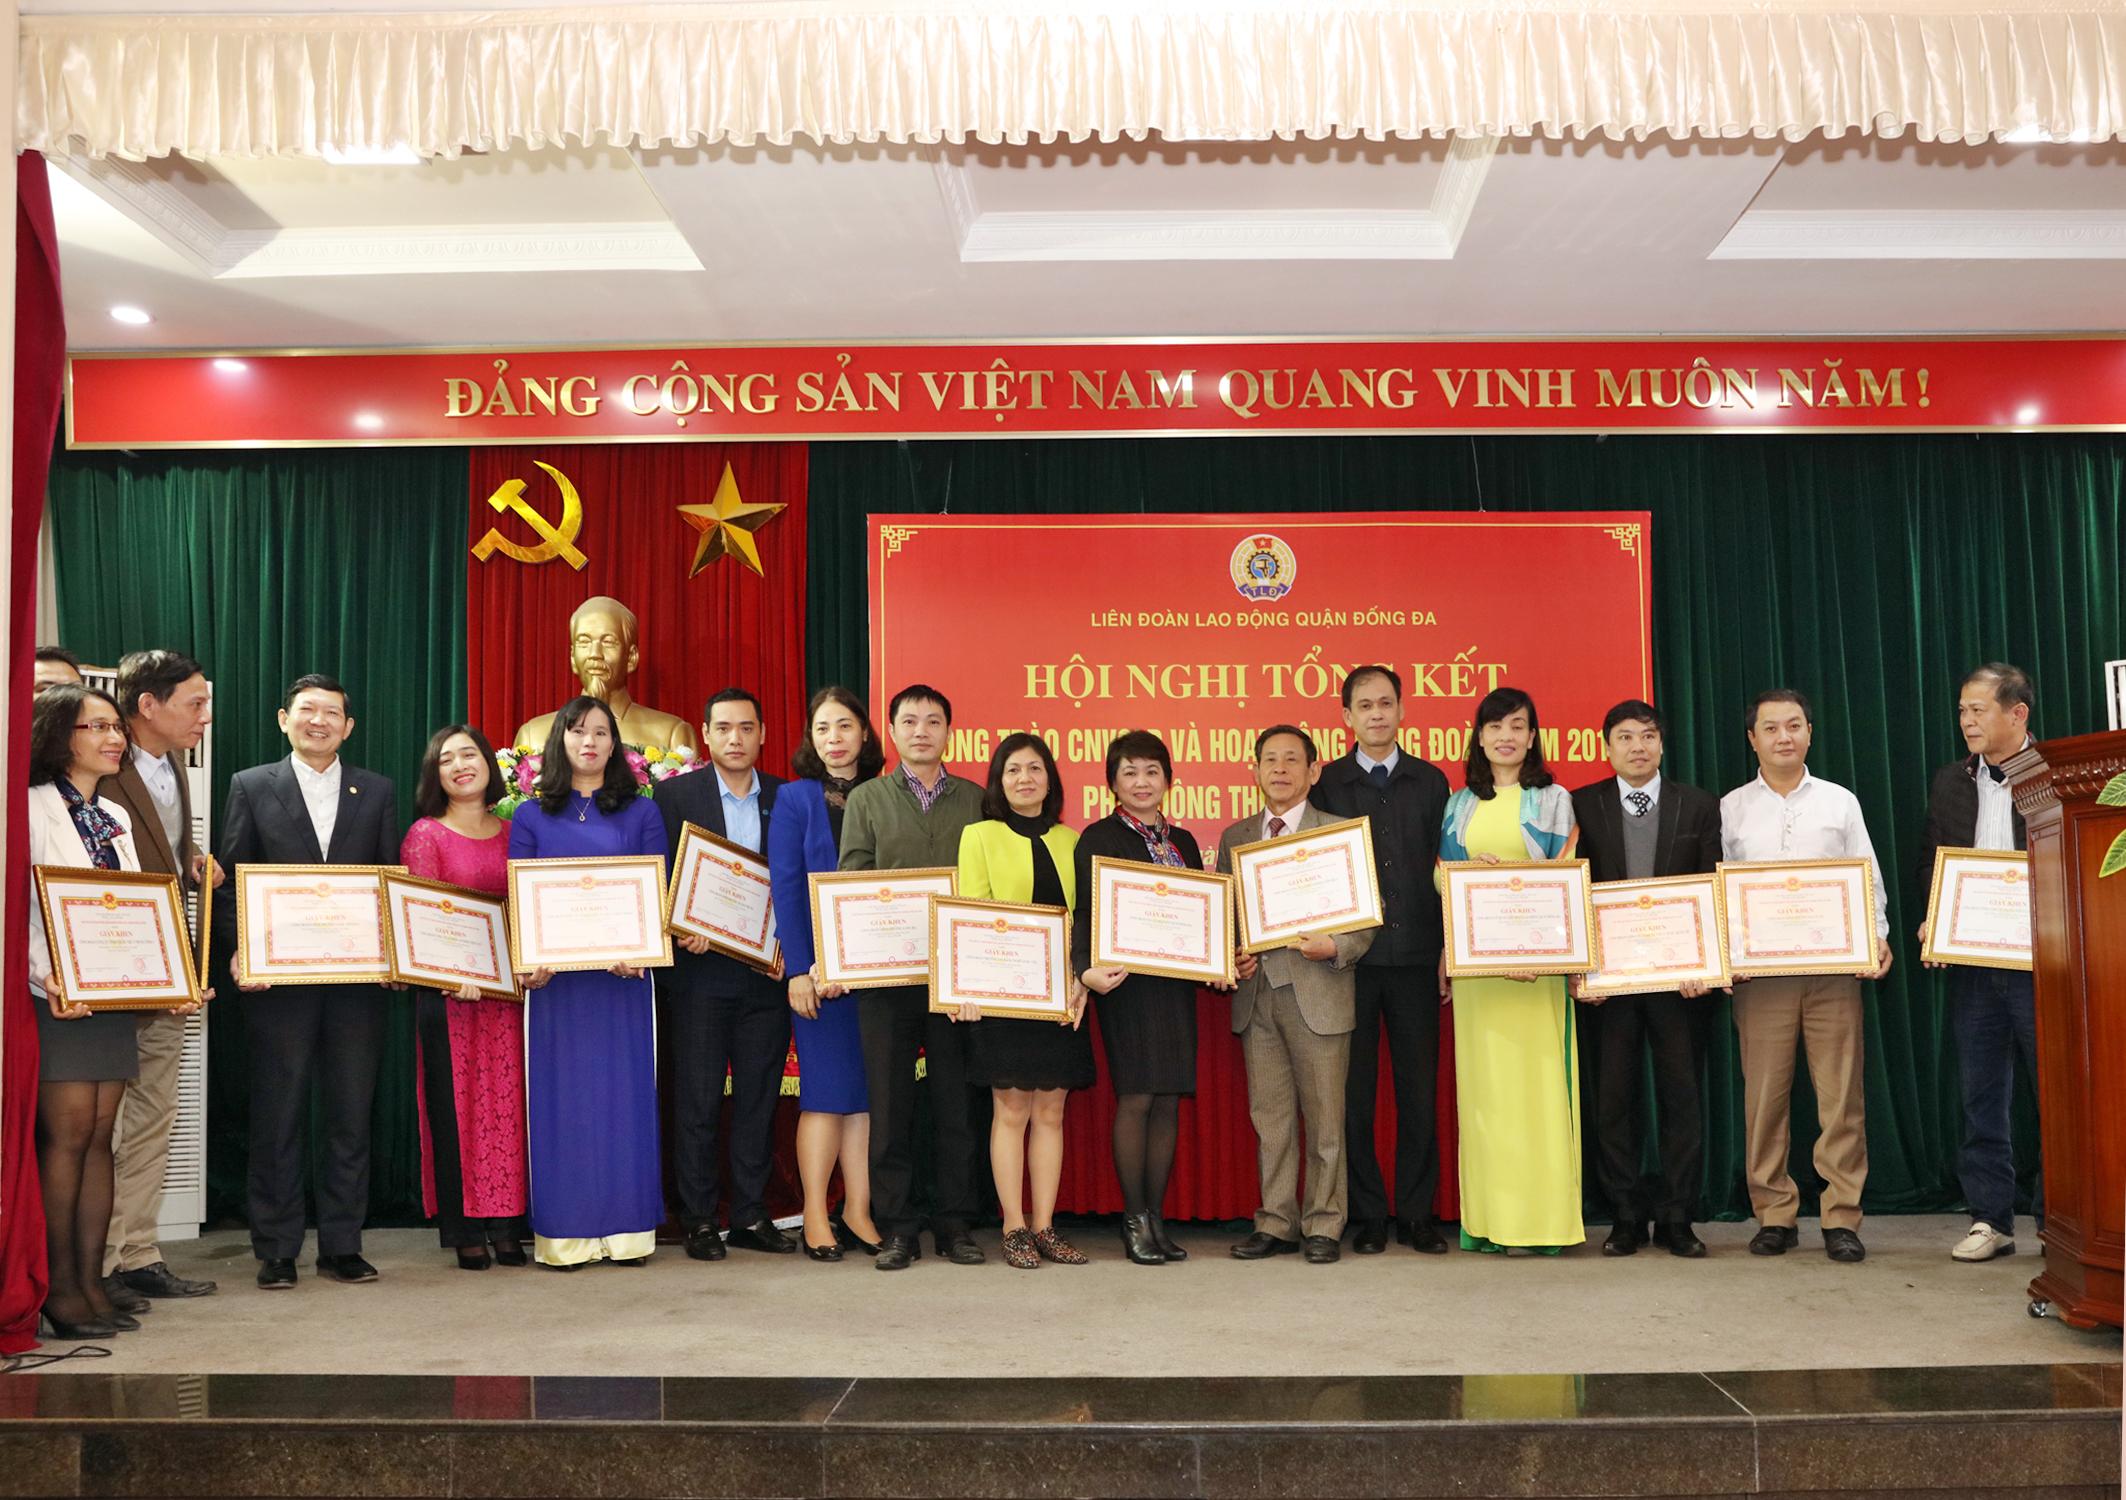 IMC – UBND quận Đống Đa khen thưởng công tác Công đoàn IMC năm 2018